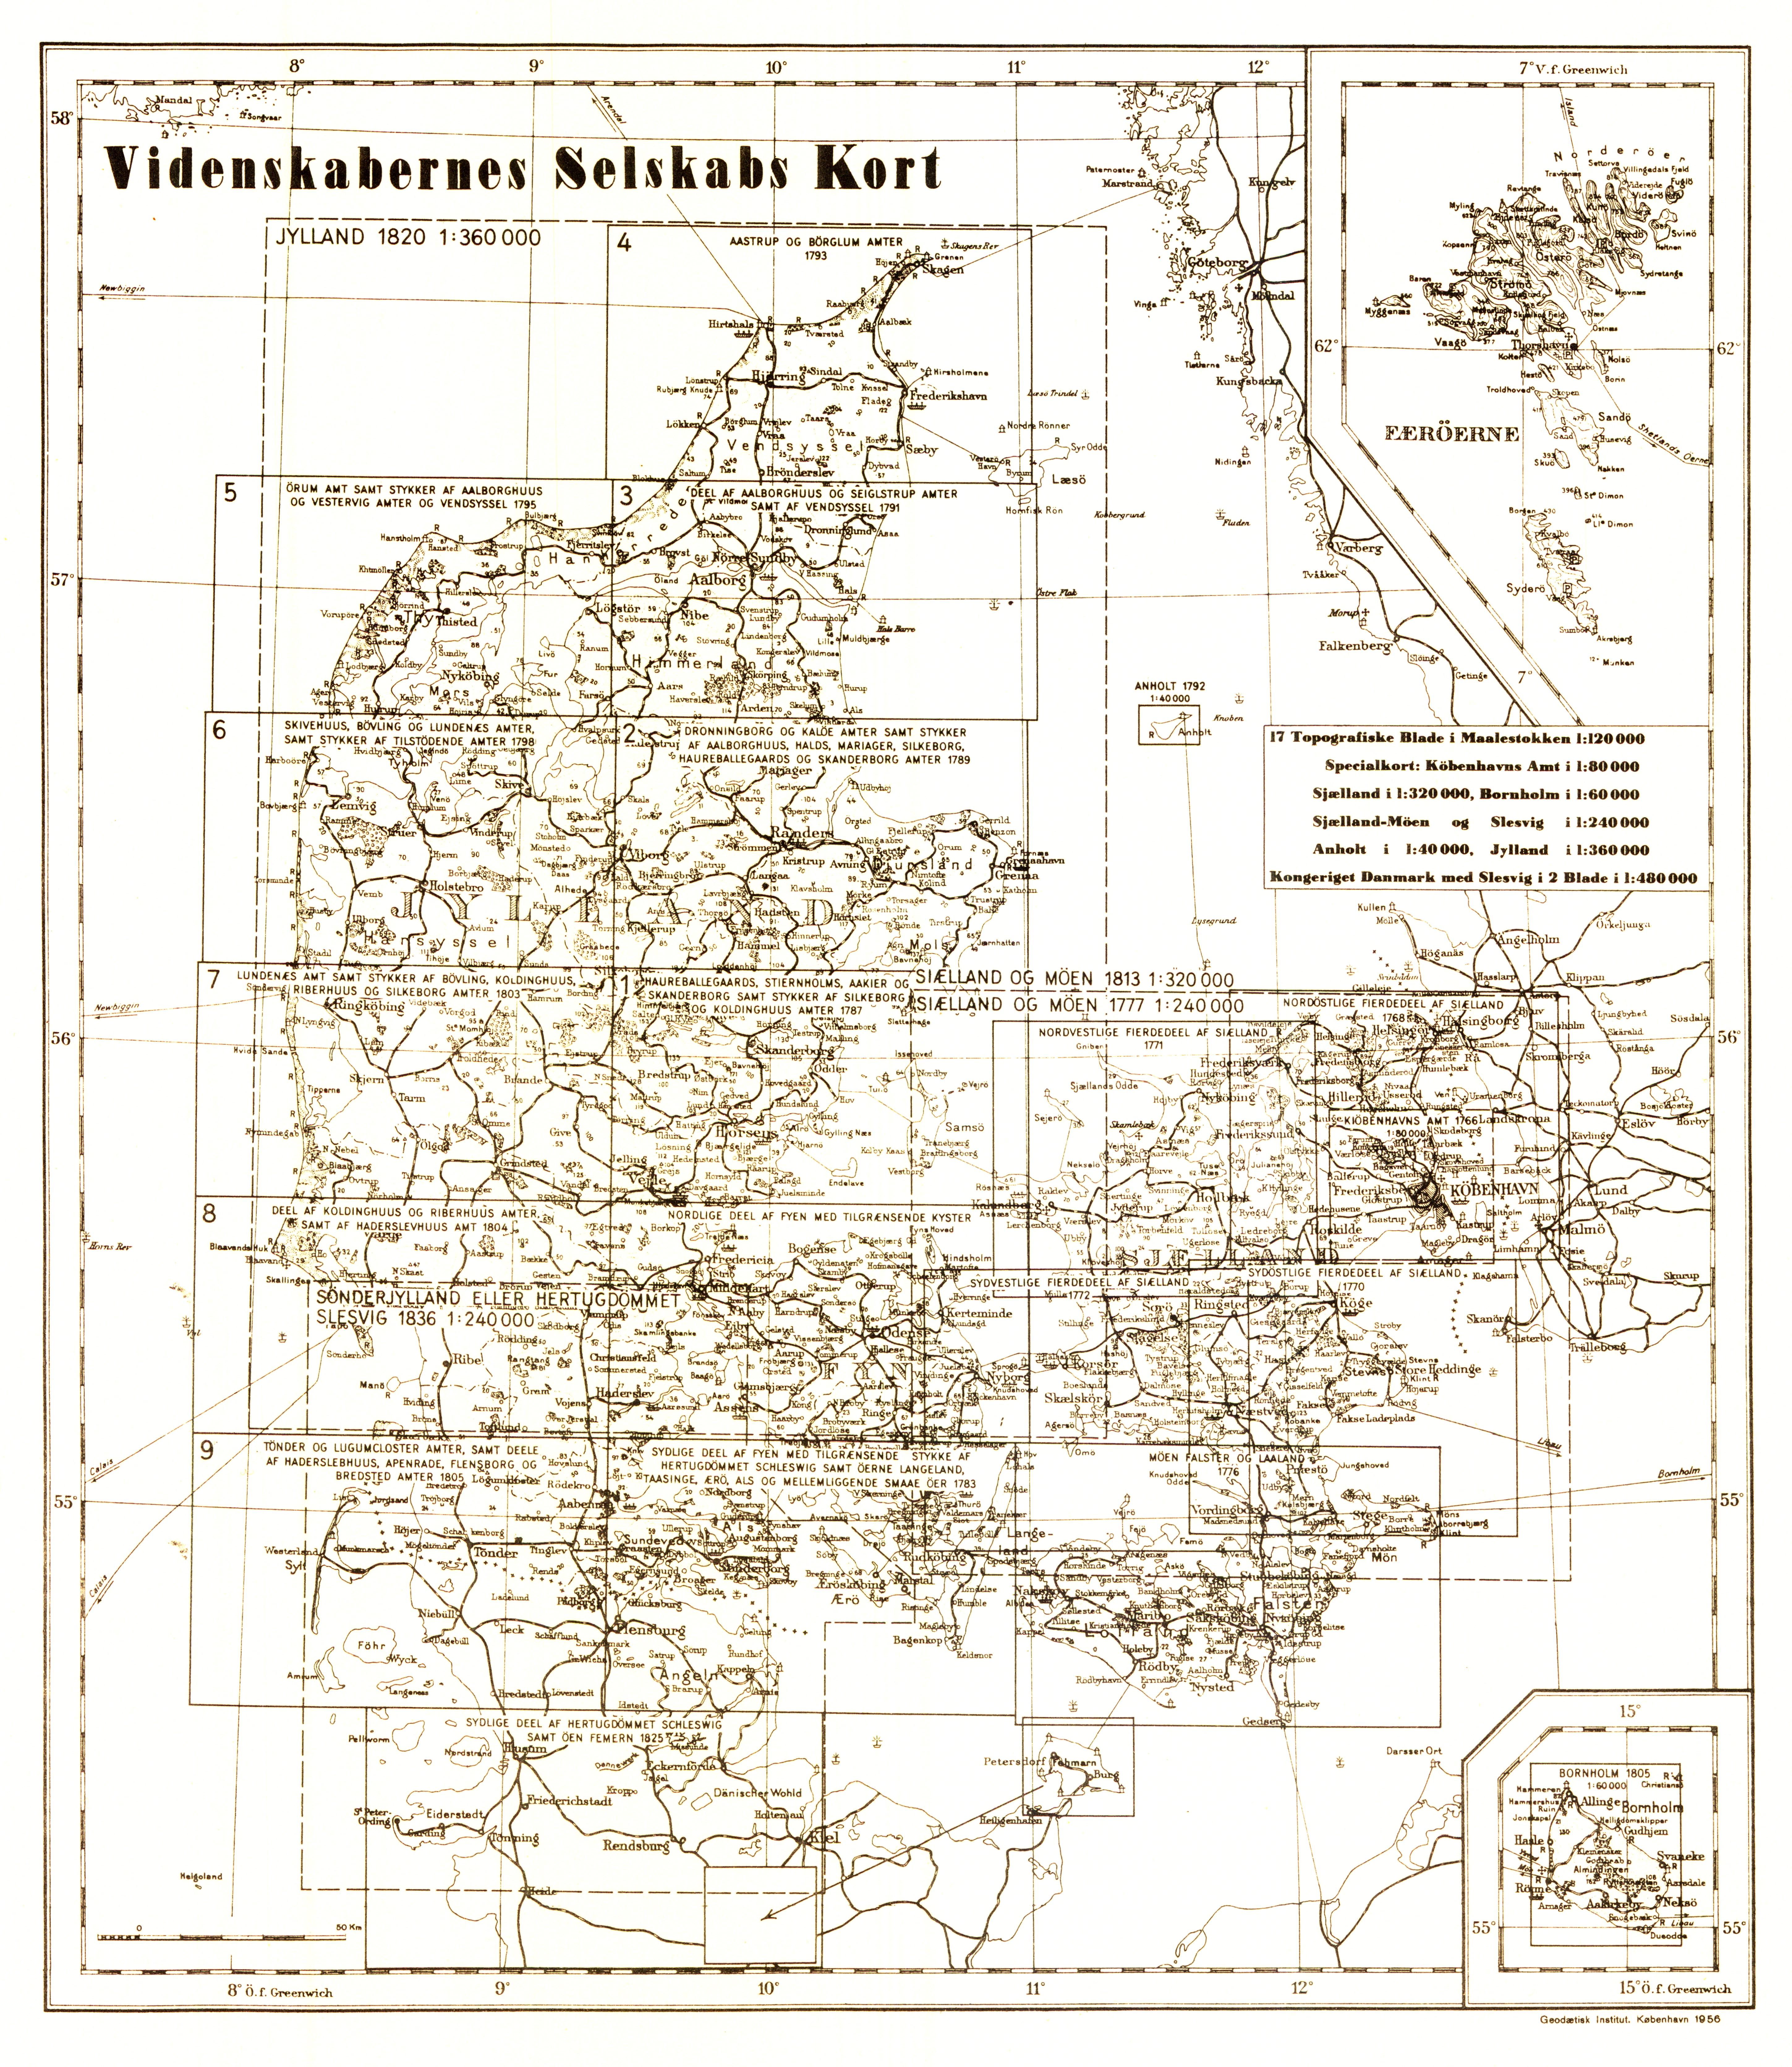 historiske kort på nettet